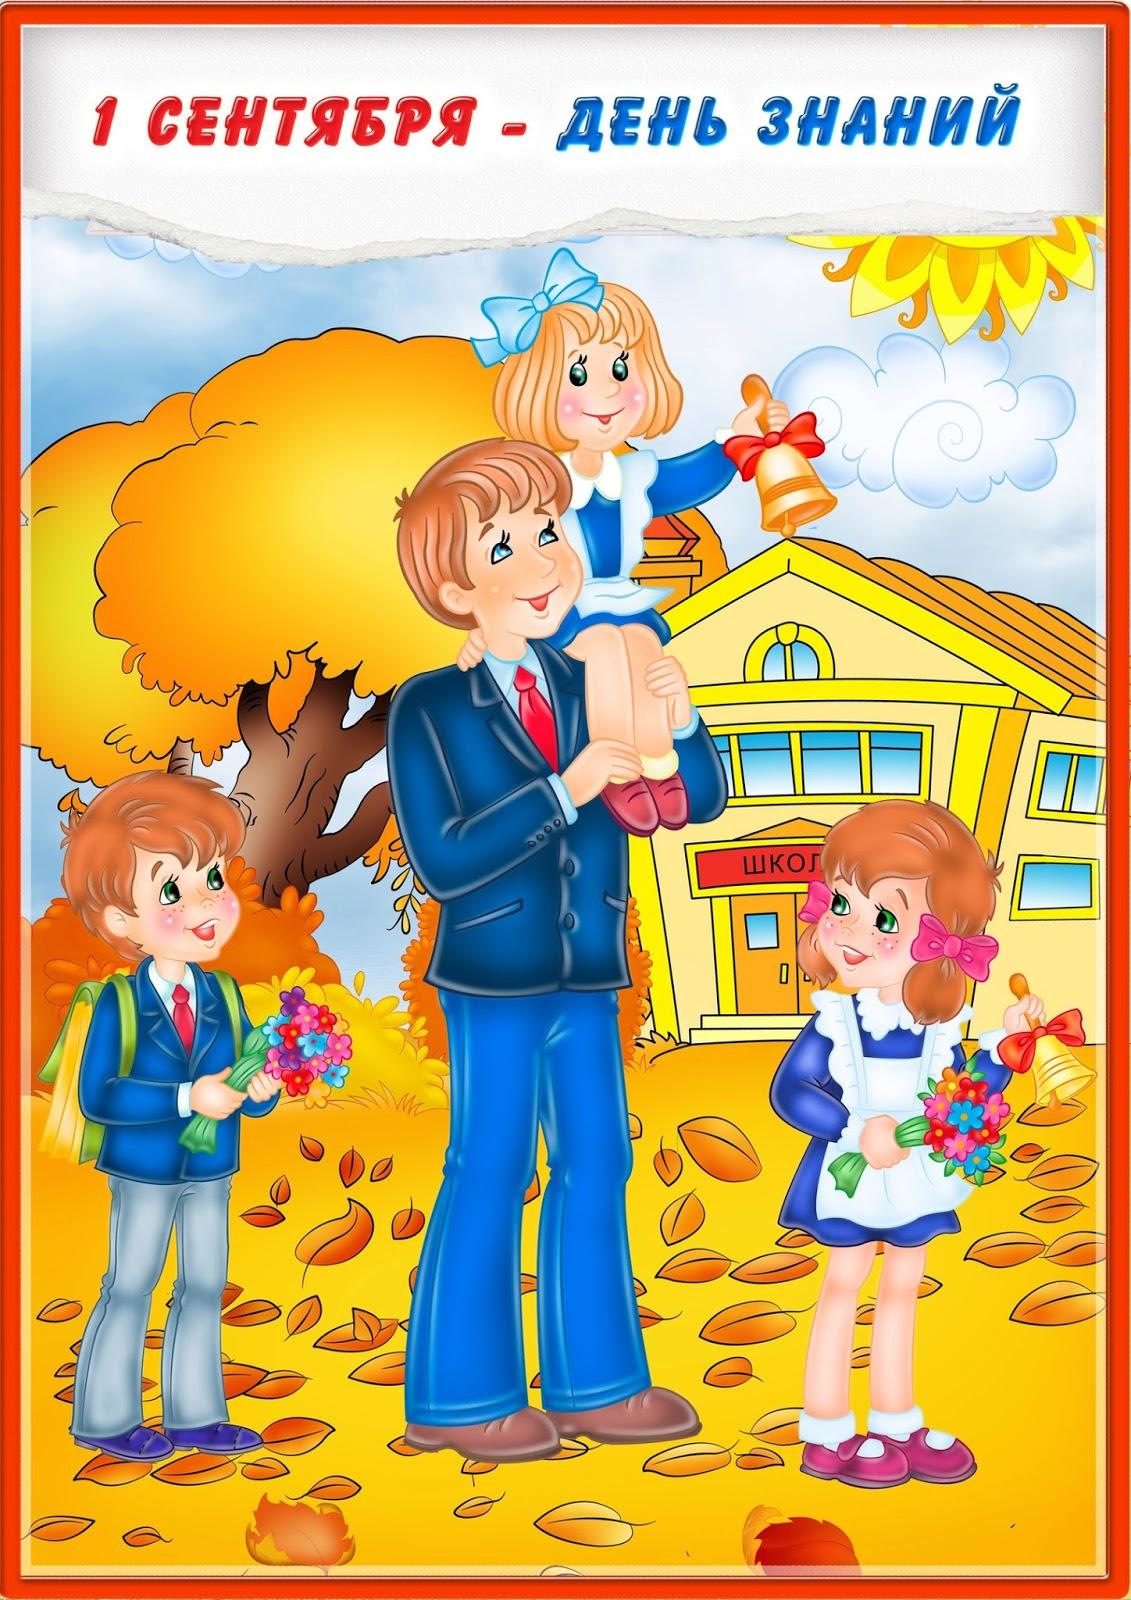 Картинки 1 сентября день знаний в детском саду, пригласительную